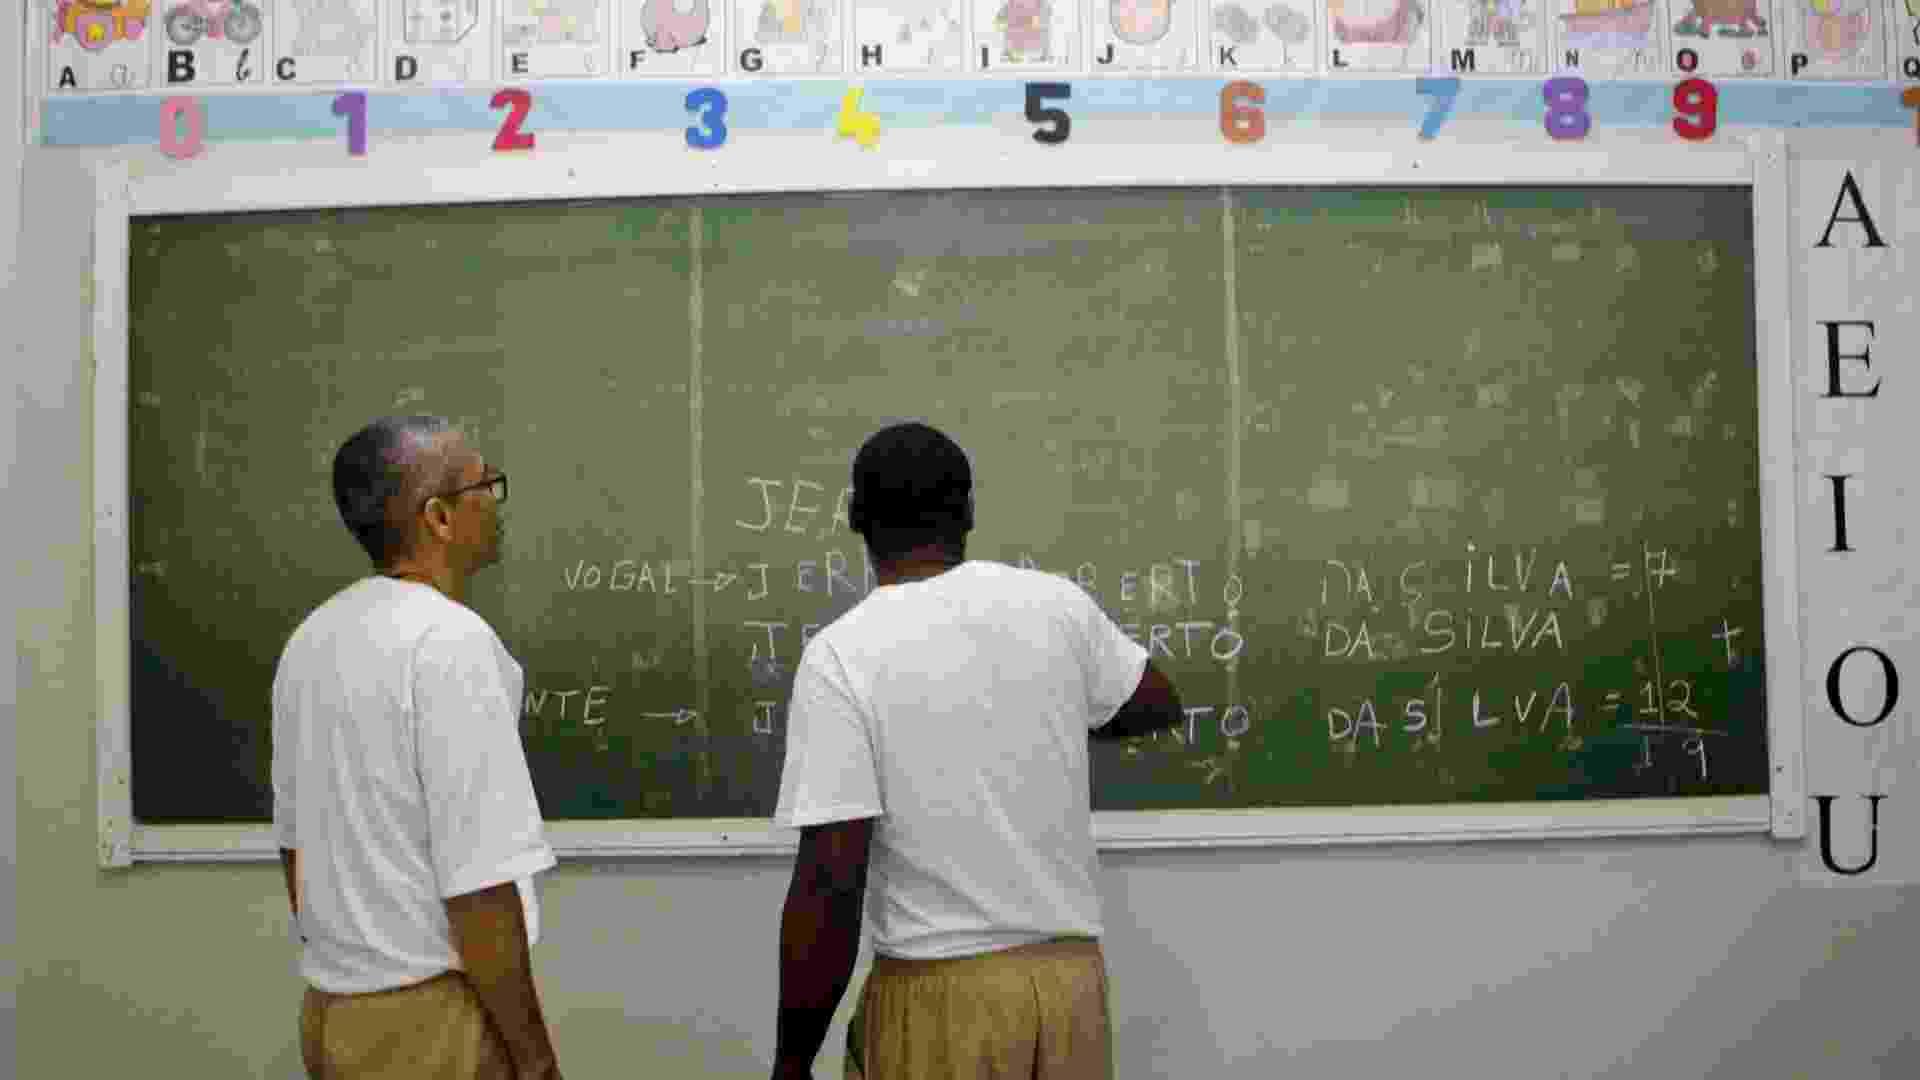 Venilton e outro preso em sala de aula do pavilhão educacional da Penitenciária 1 de Serra Azul - Fernando Donasci/UOL